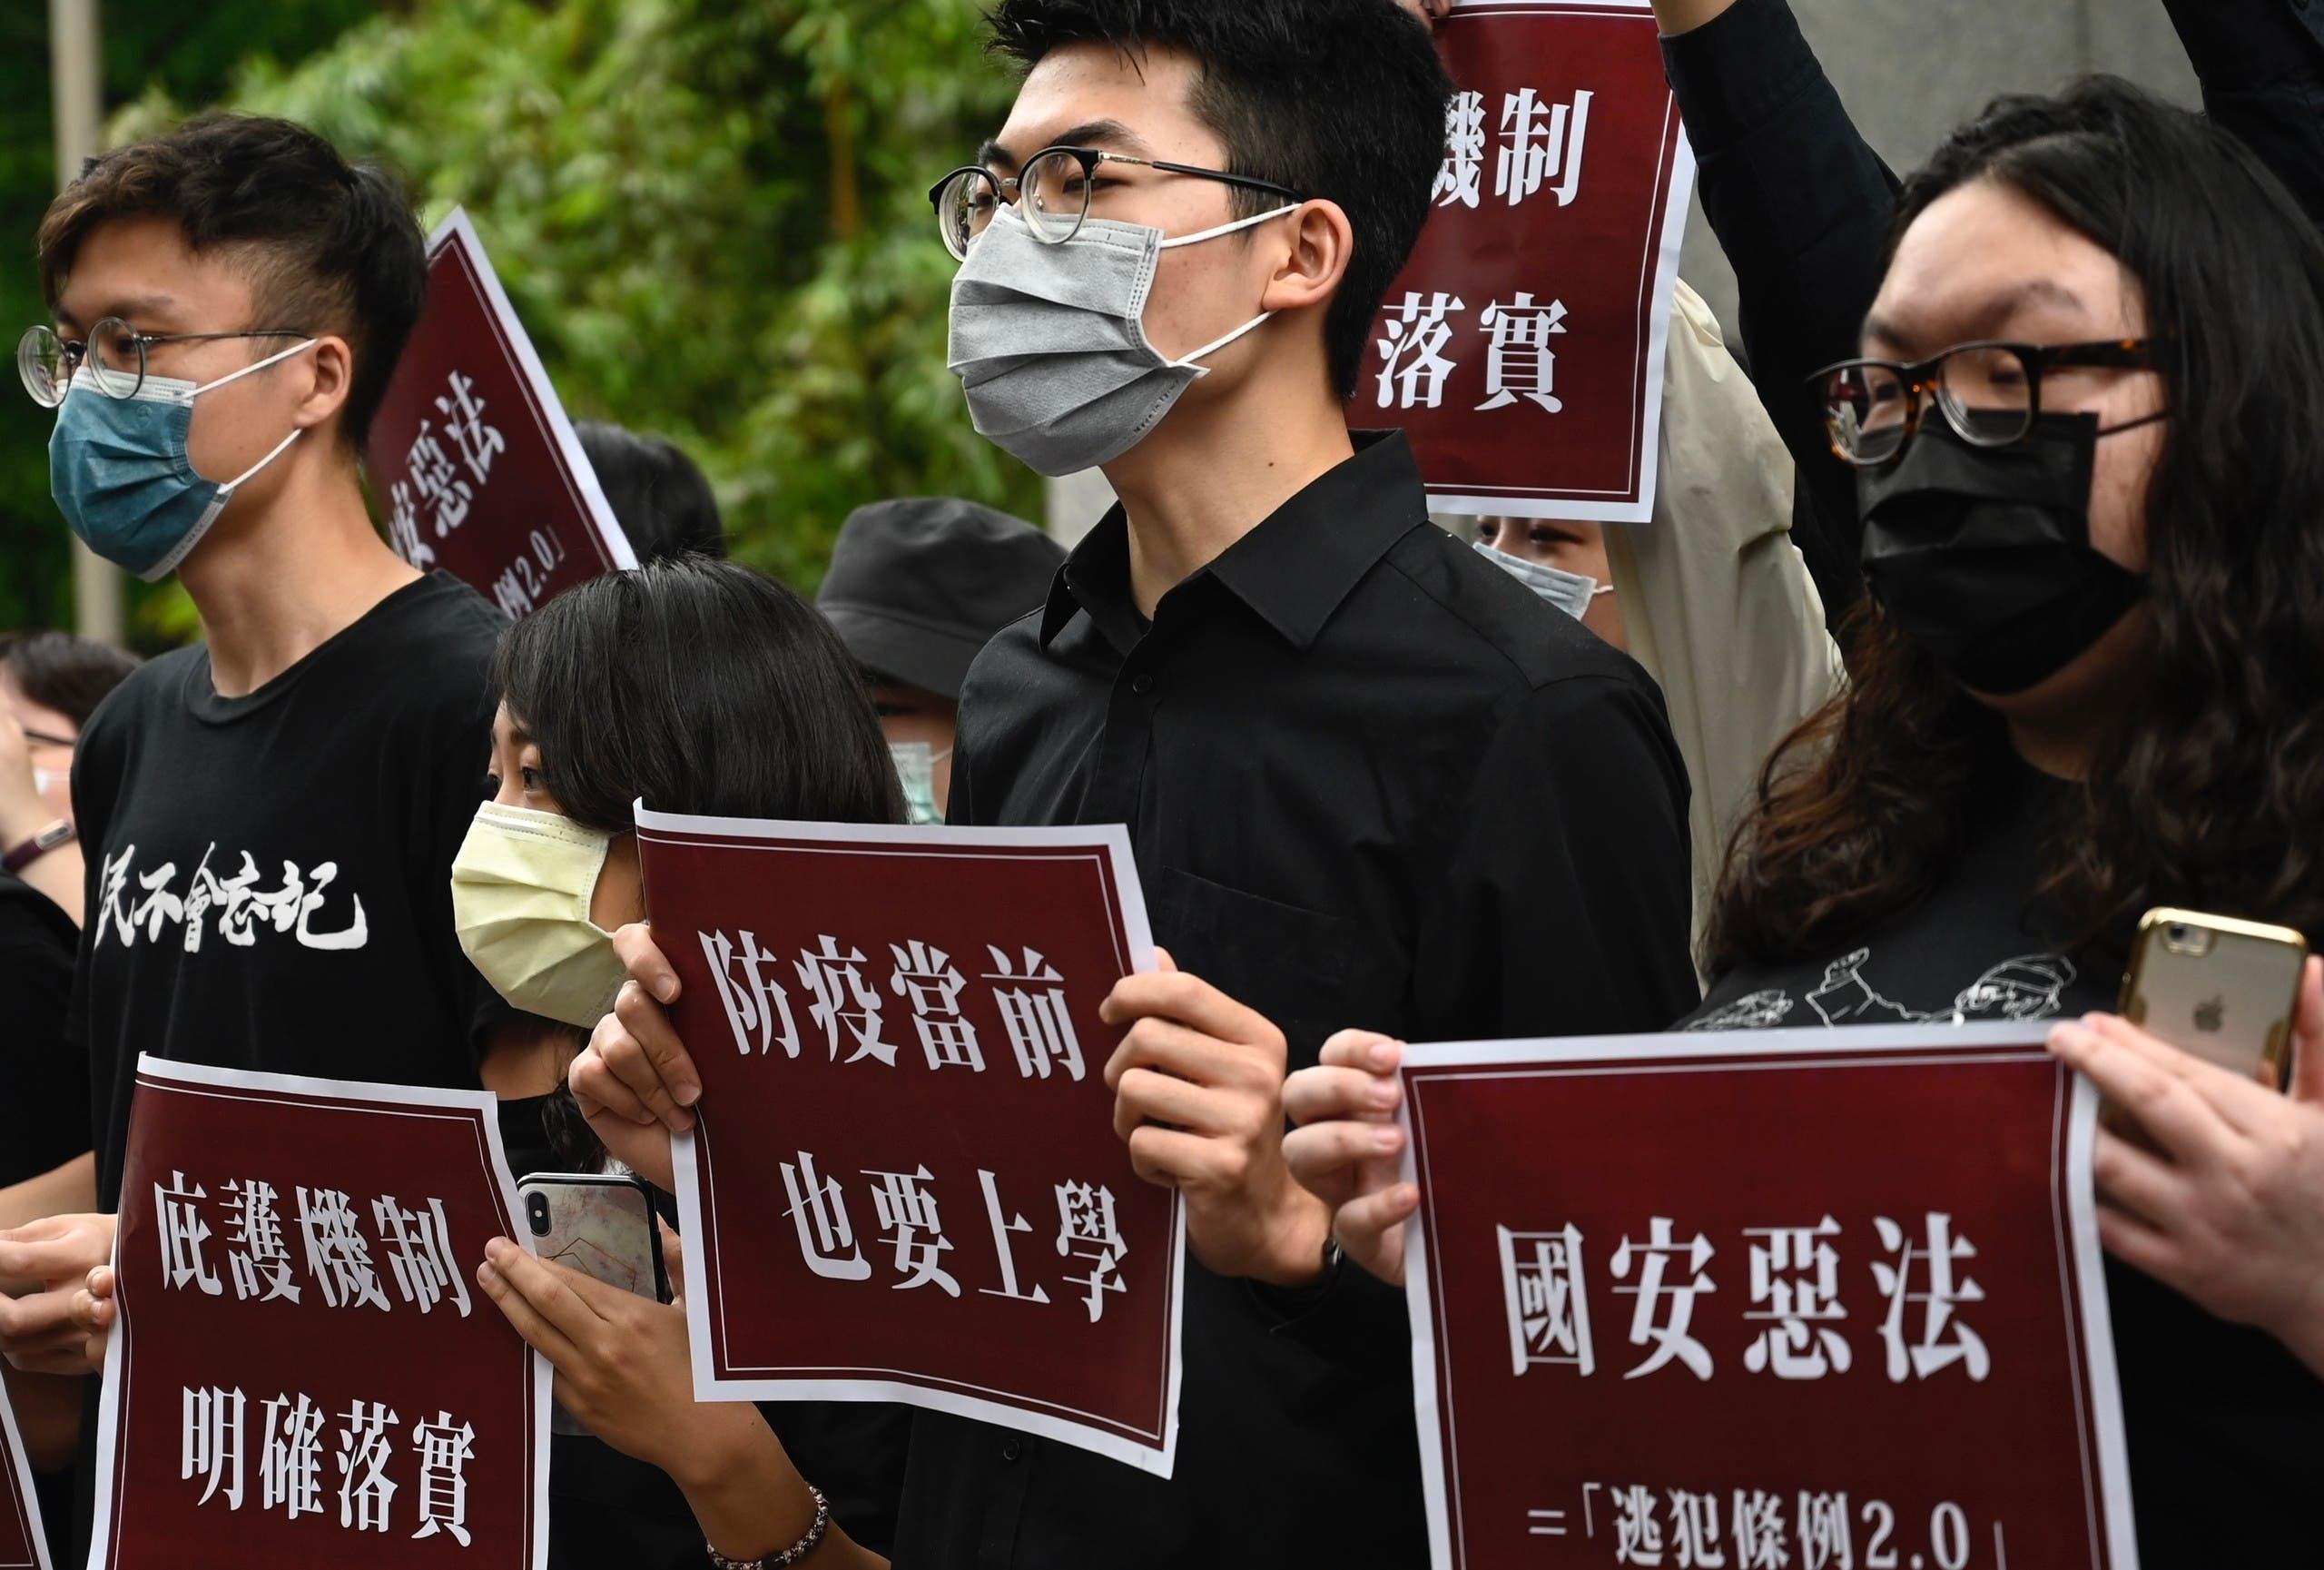 طلاب من تايوان وهونغ كونغ يحتجون على اقرار بكين قانون الأمن القومي (أرشيفية- فرانس برس)